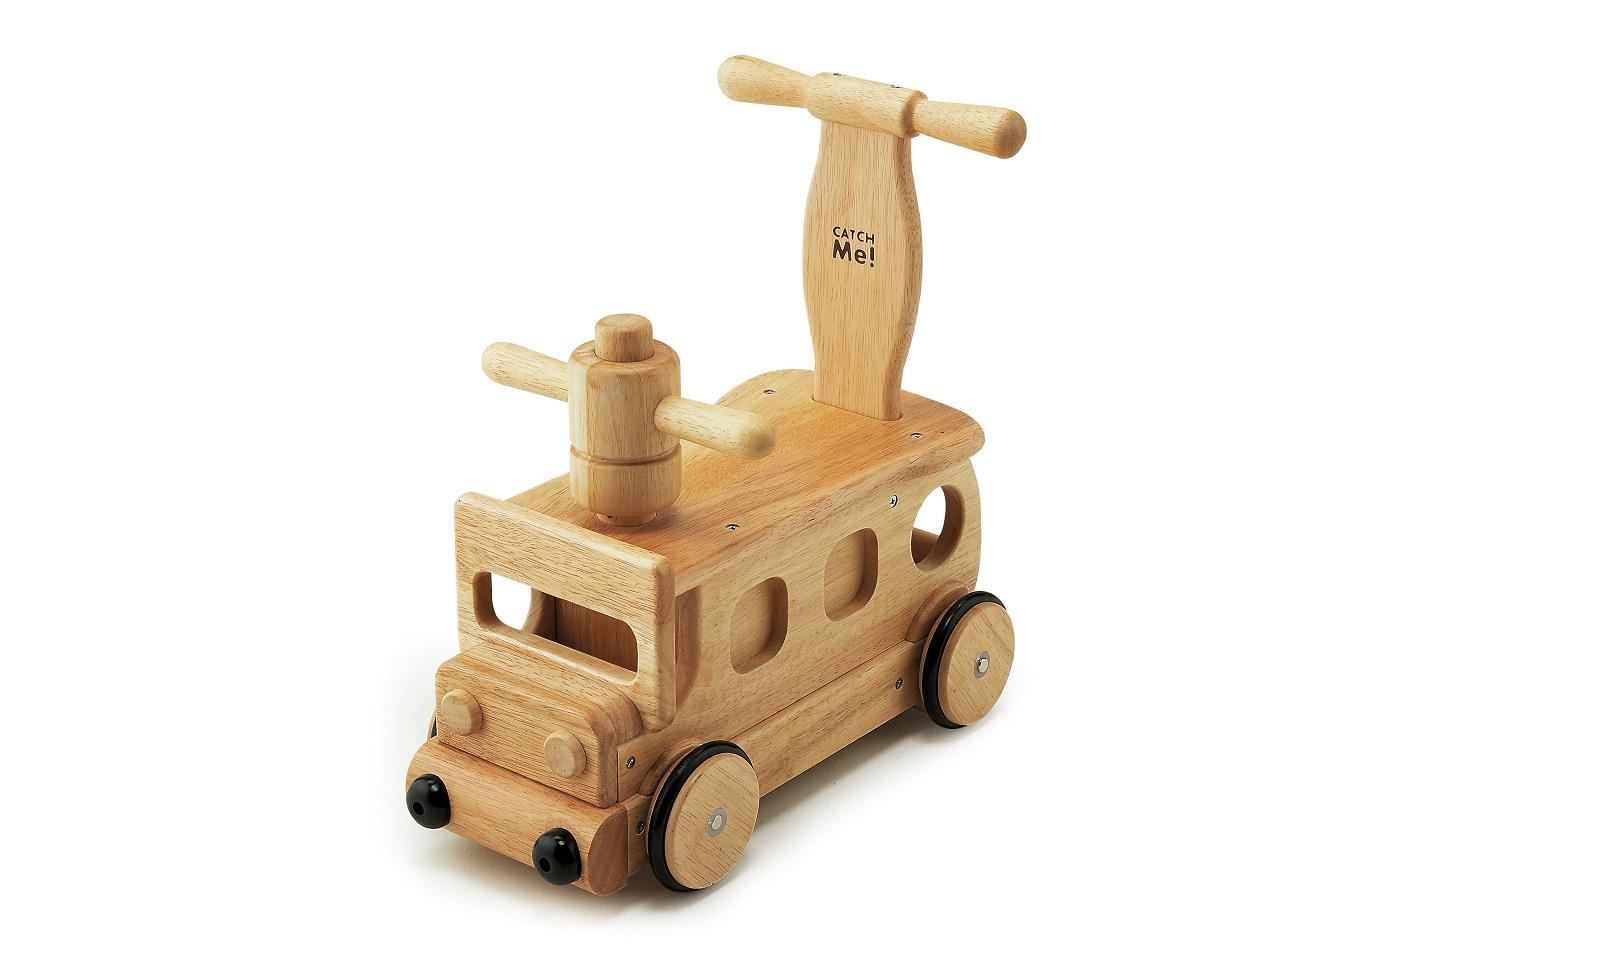 おもちゃの図書館全国連絡会様へ弊社商品を寄贈させて頂きました。